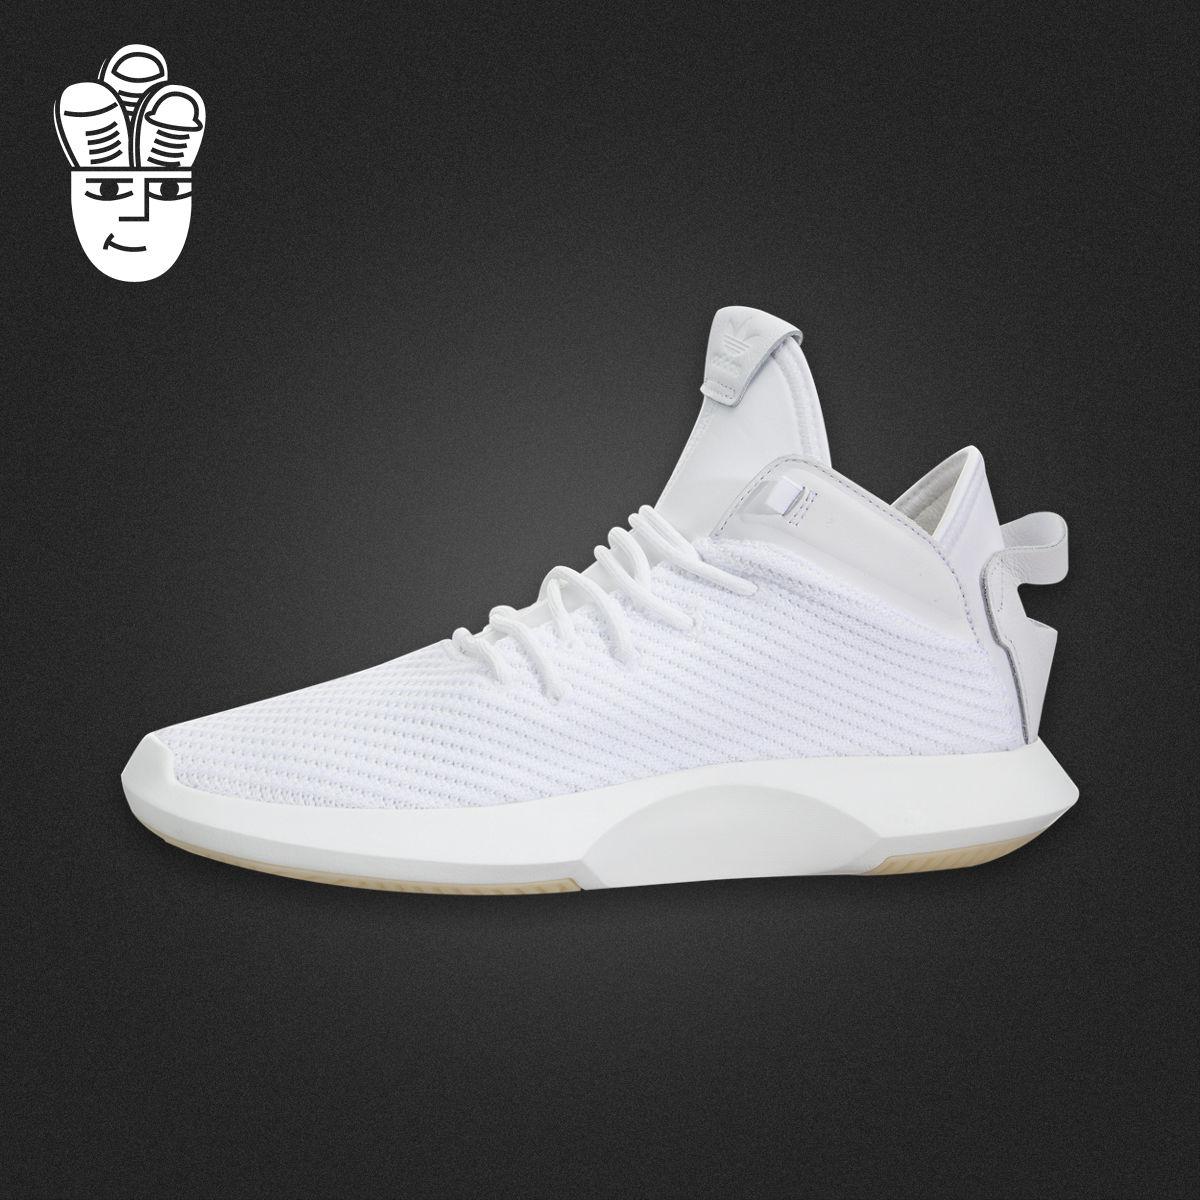 Adidas Crazy 1 ADV PK 阿迪达斯男鞋 科比编织篮球鞋 运动休闲鞋